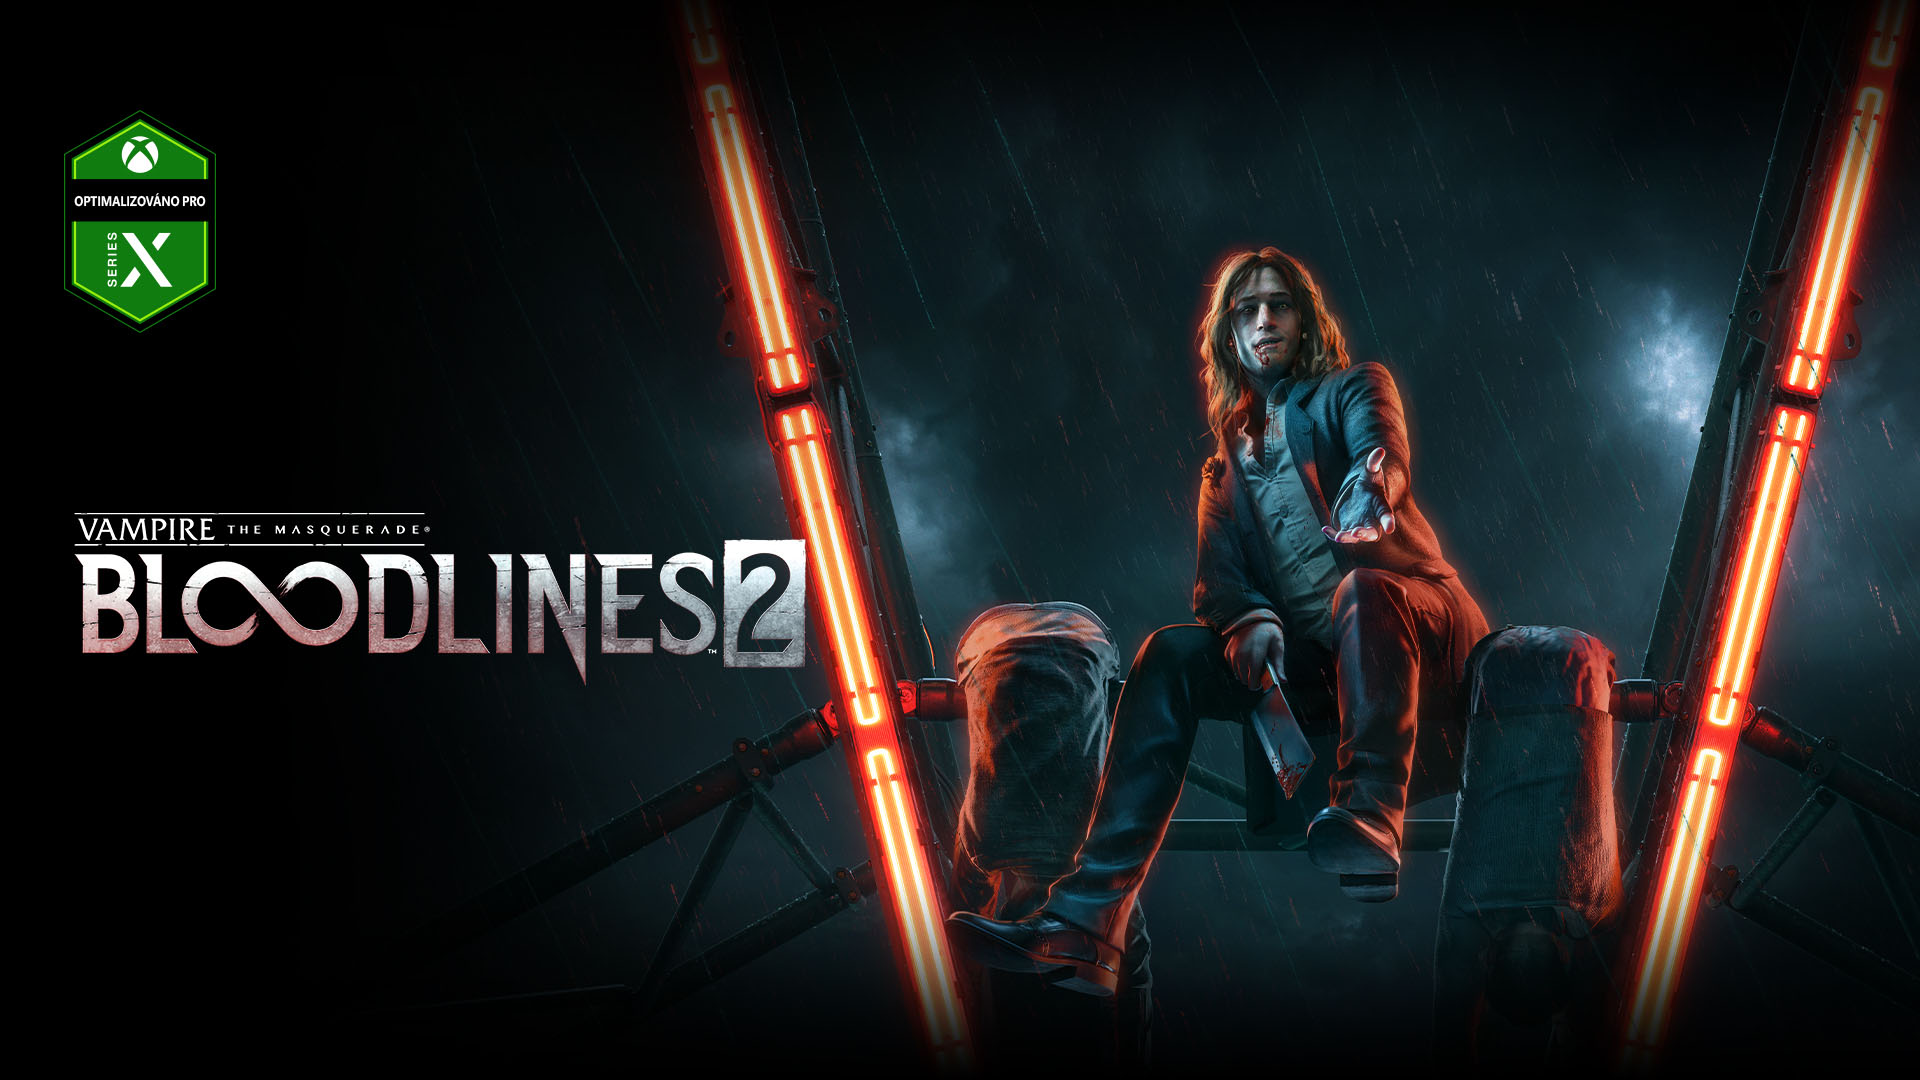 Vampire the Masquerade Bloodlines 2, Upír odpočívá na tyčích ruského kola a usmívá se.